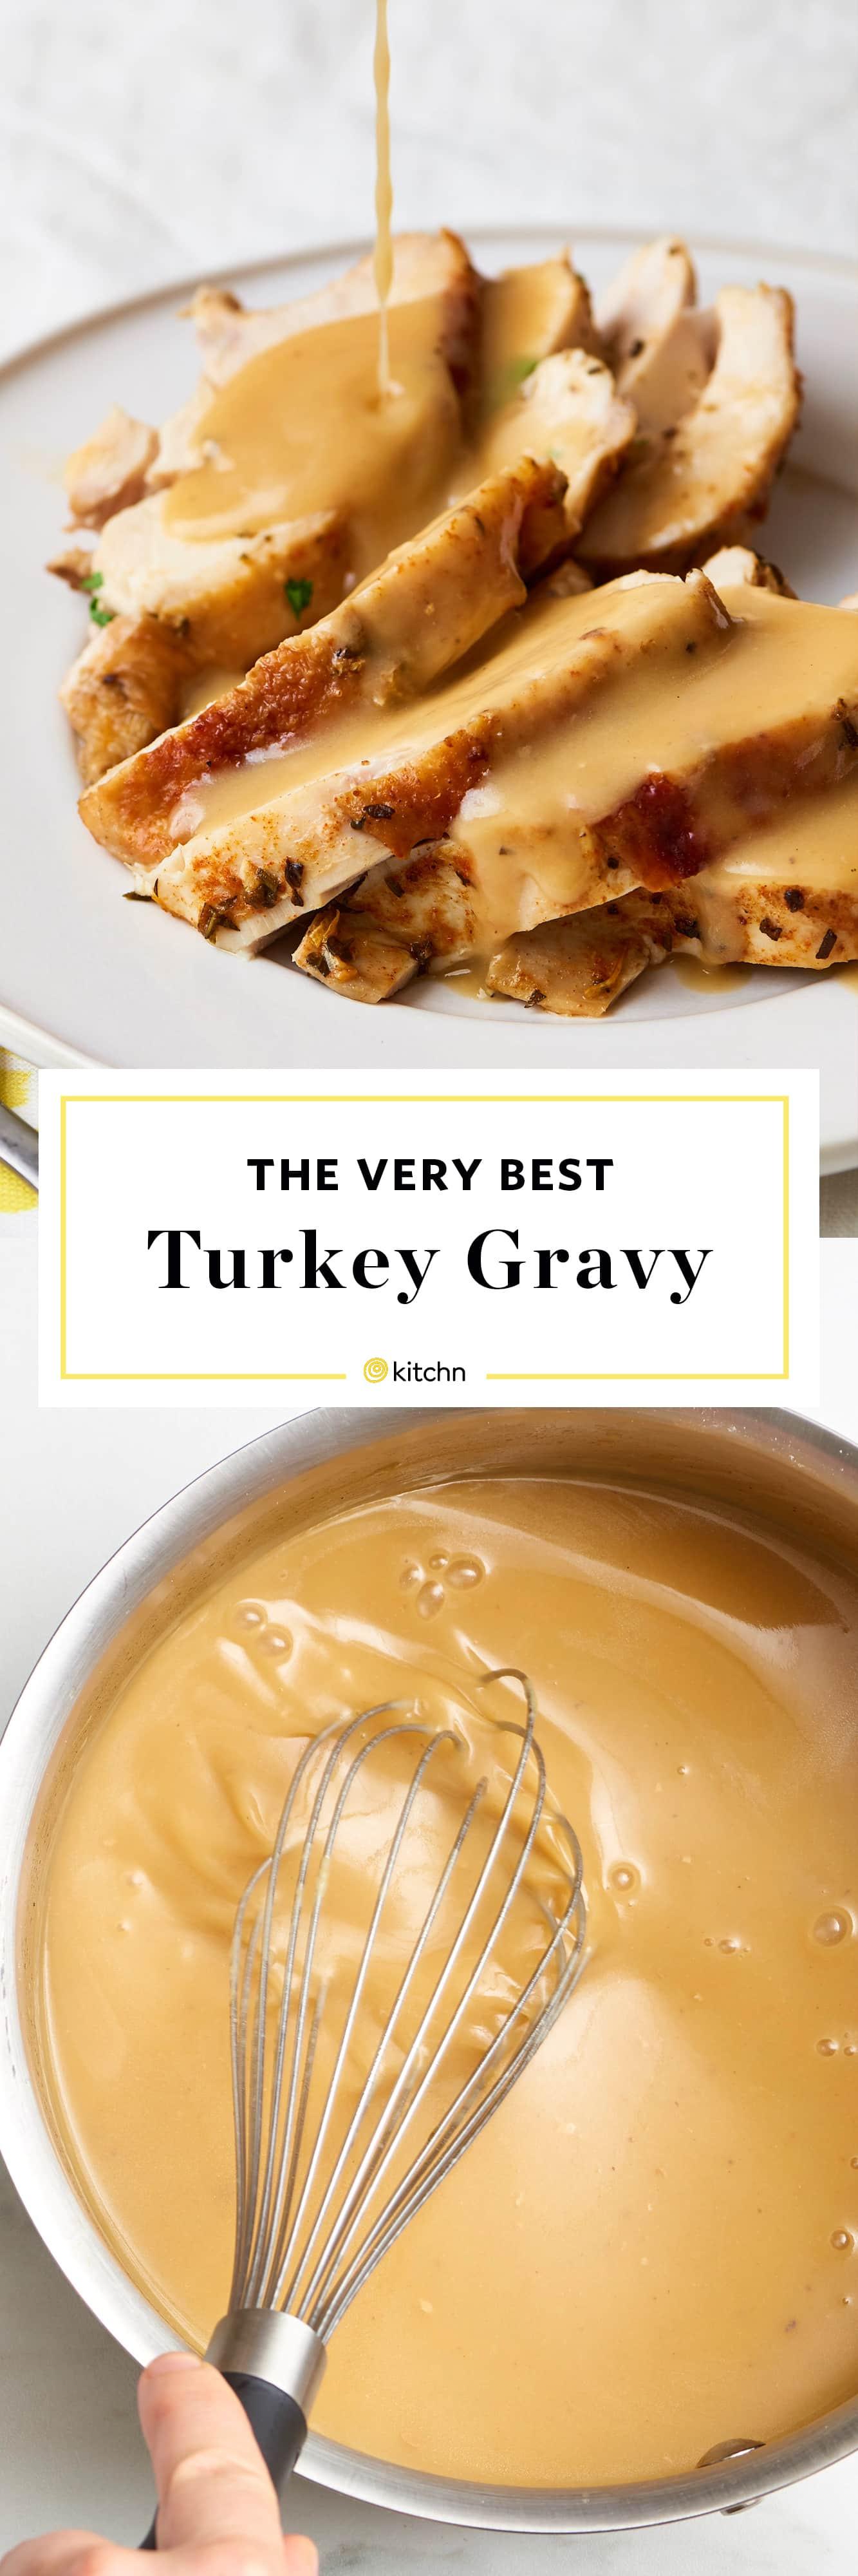 Making Thanksgiving Turkey  Turkey Gravy Recipe How To Make Turkey Gravy